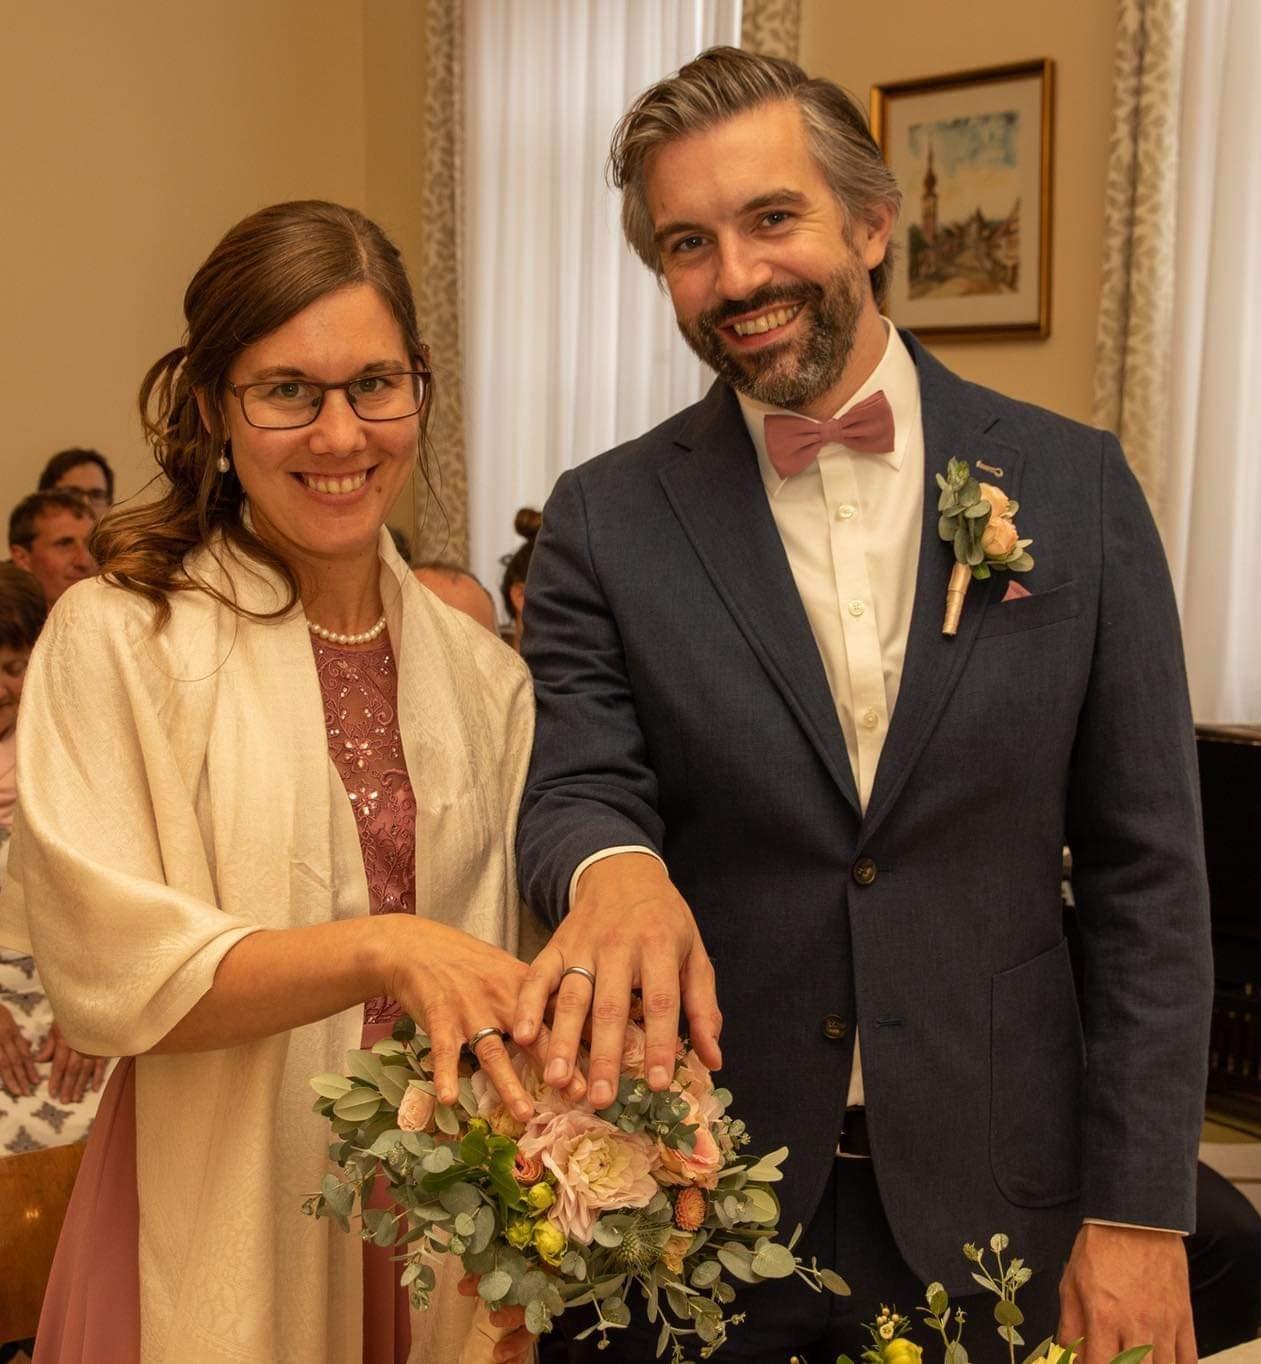 Firlinger Luzia & Lukas Haider